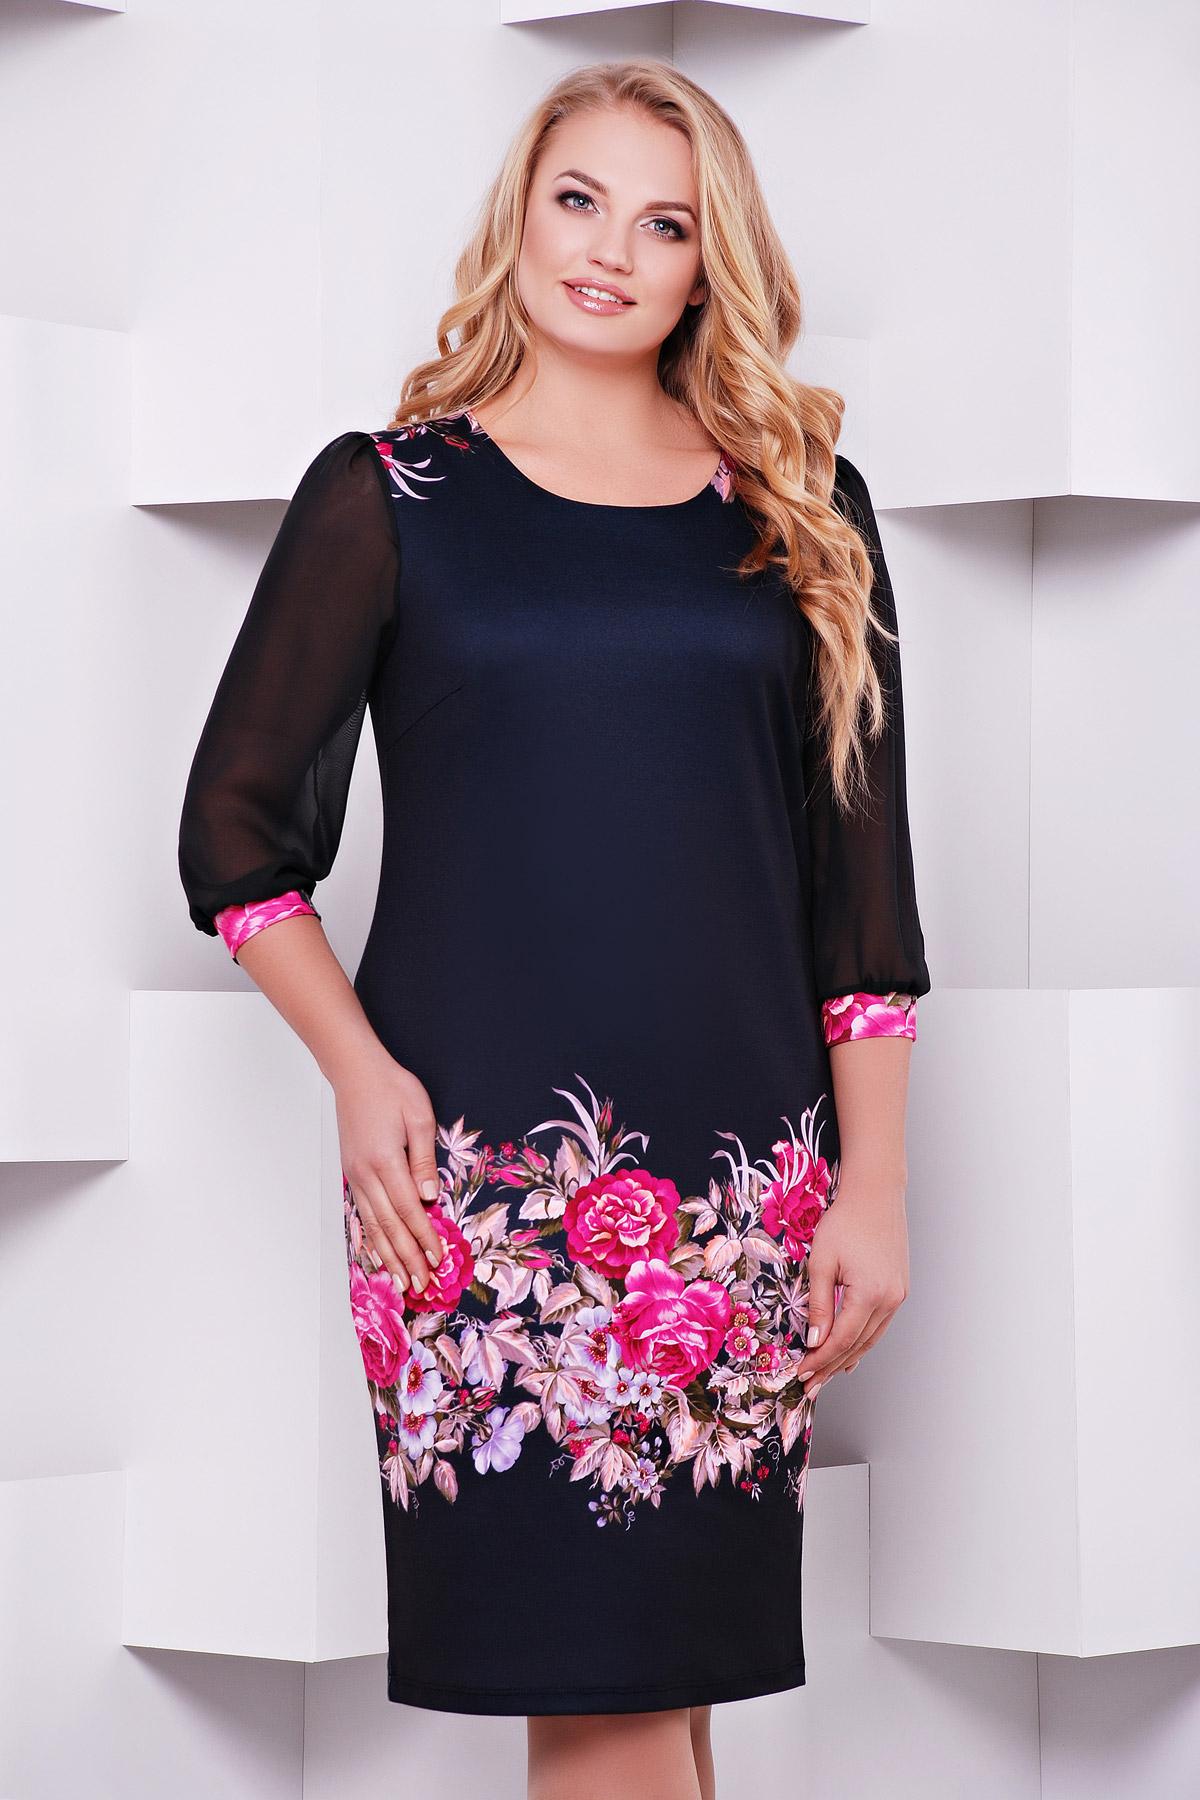 f7c64393ee4c4e7 нарядное платье для полных женщин. Цветочная композиция платье Талса-1Б К д /р